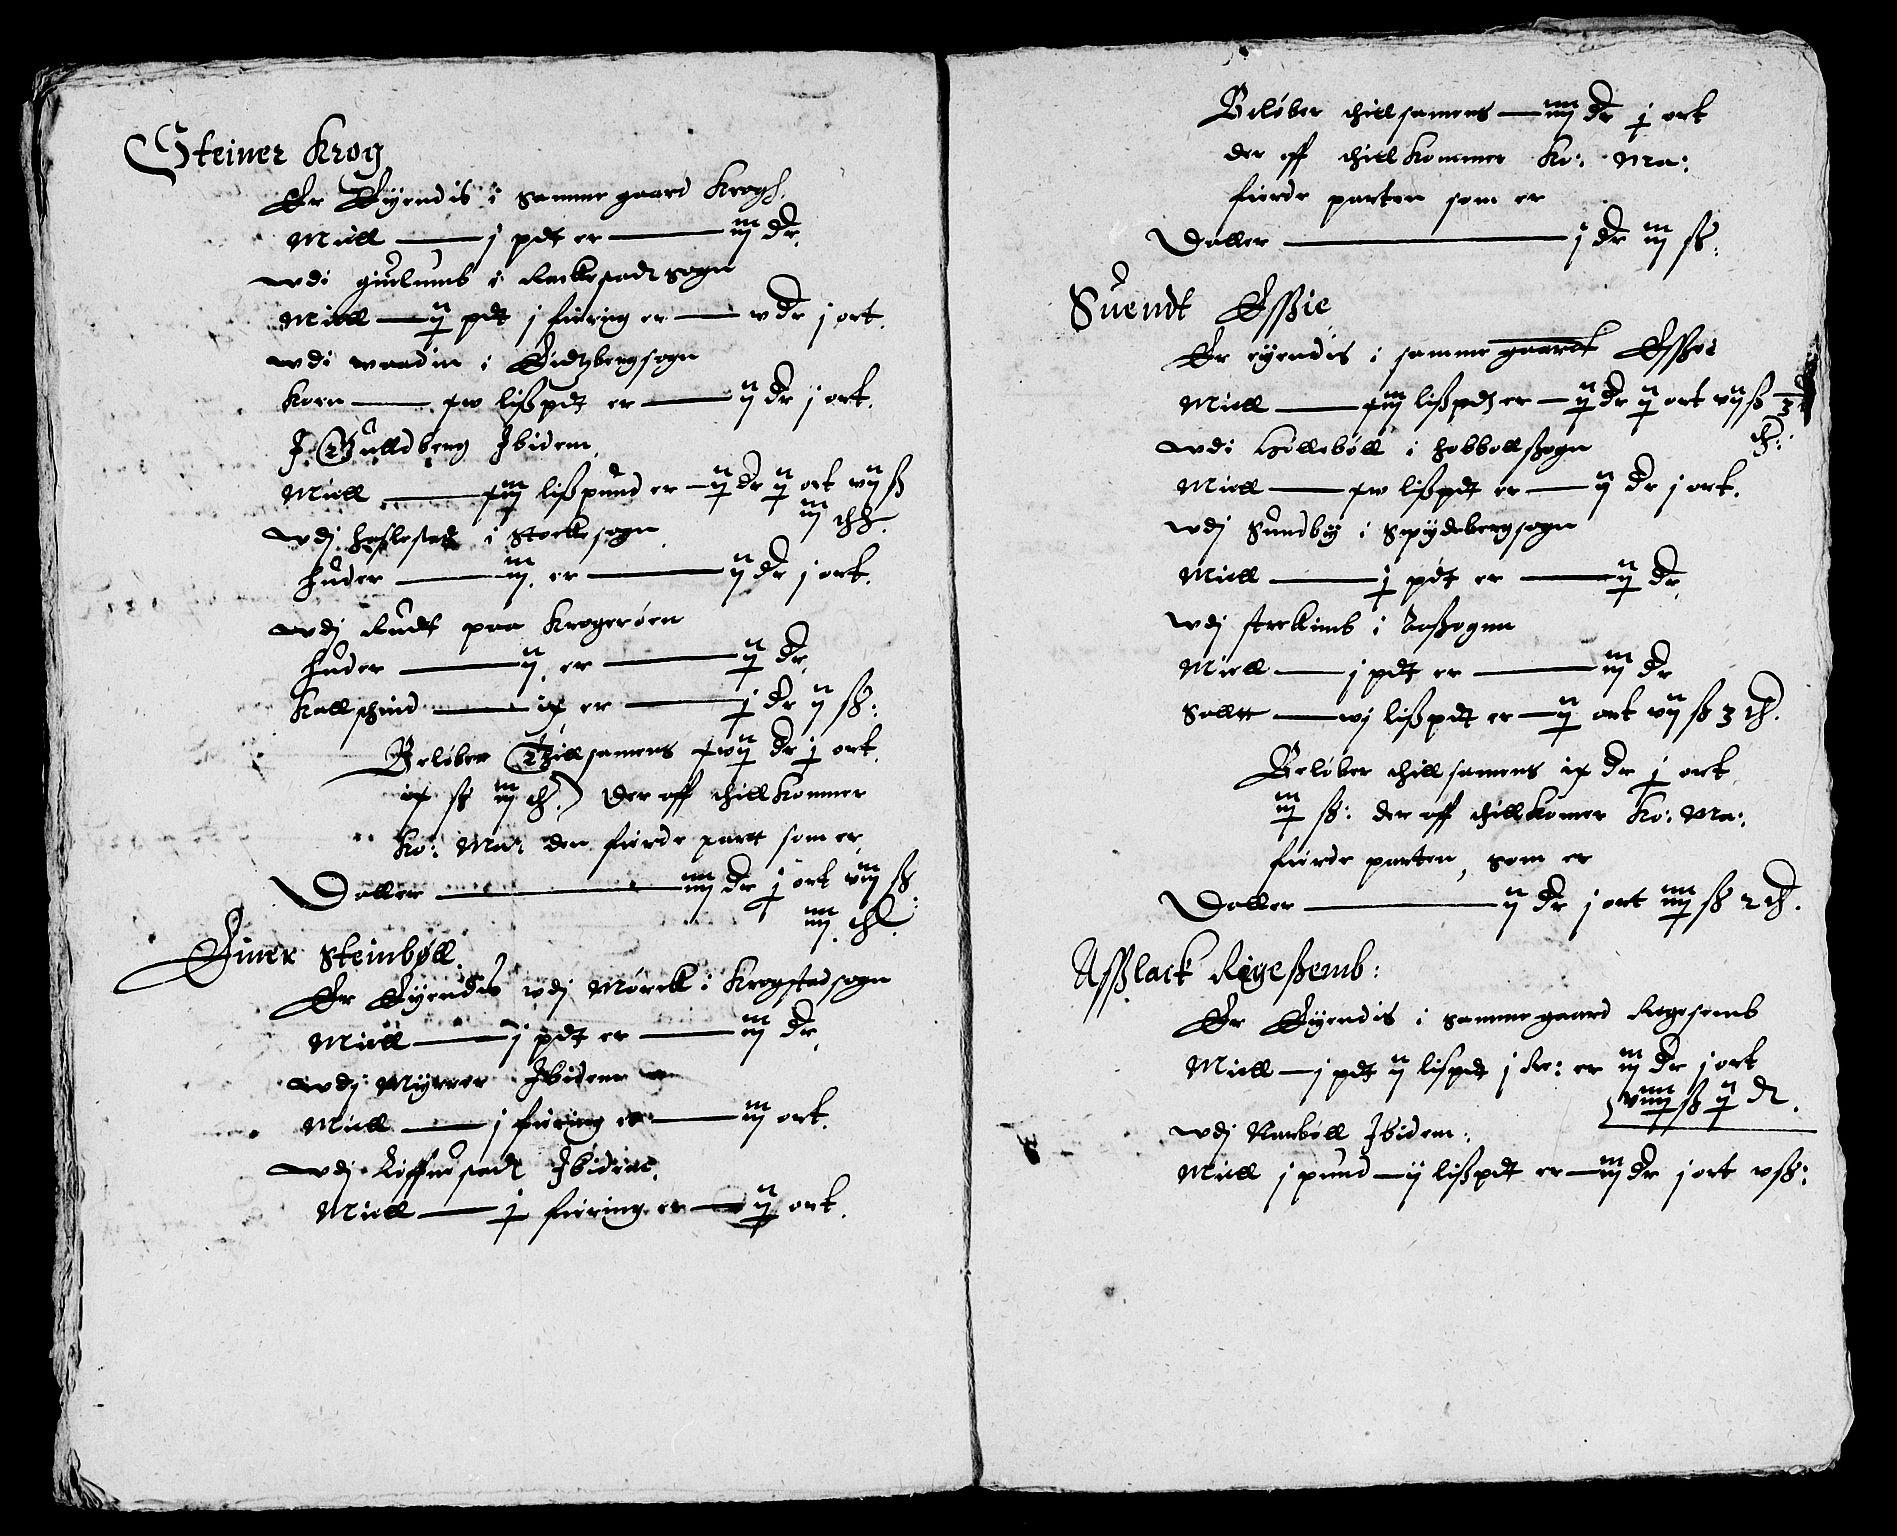 RA, Rentekammeret inntil 1814, Reviderte regnskaper, Lensregnskaper, R/Rb/Rba/L0056: Akershus len, 1620